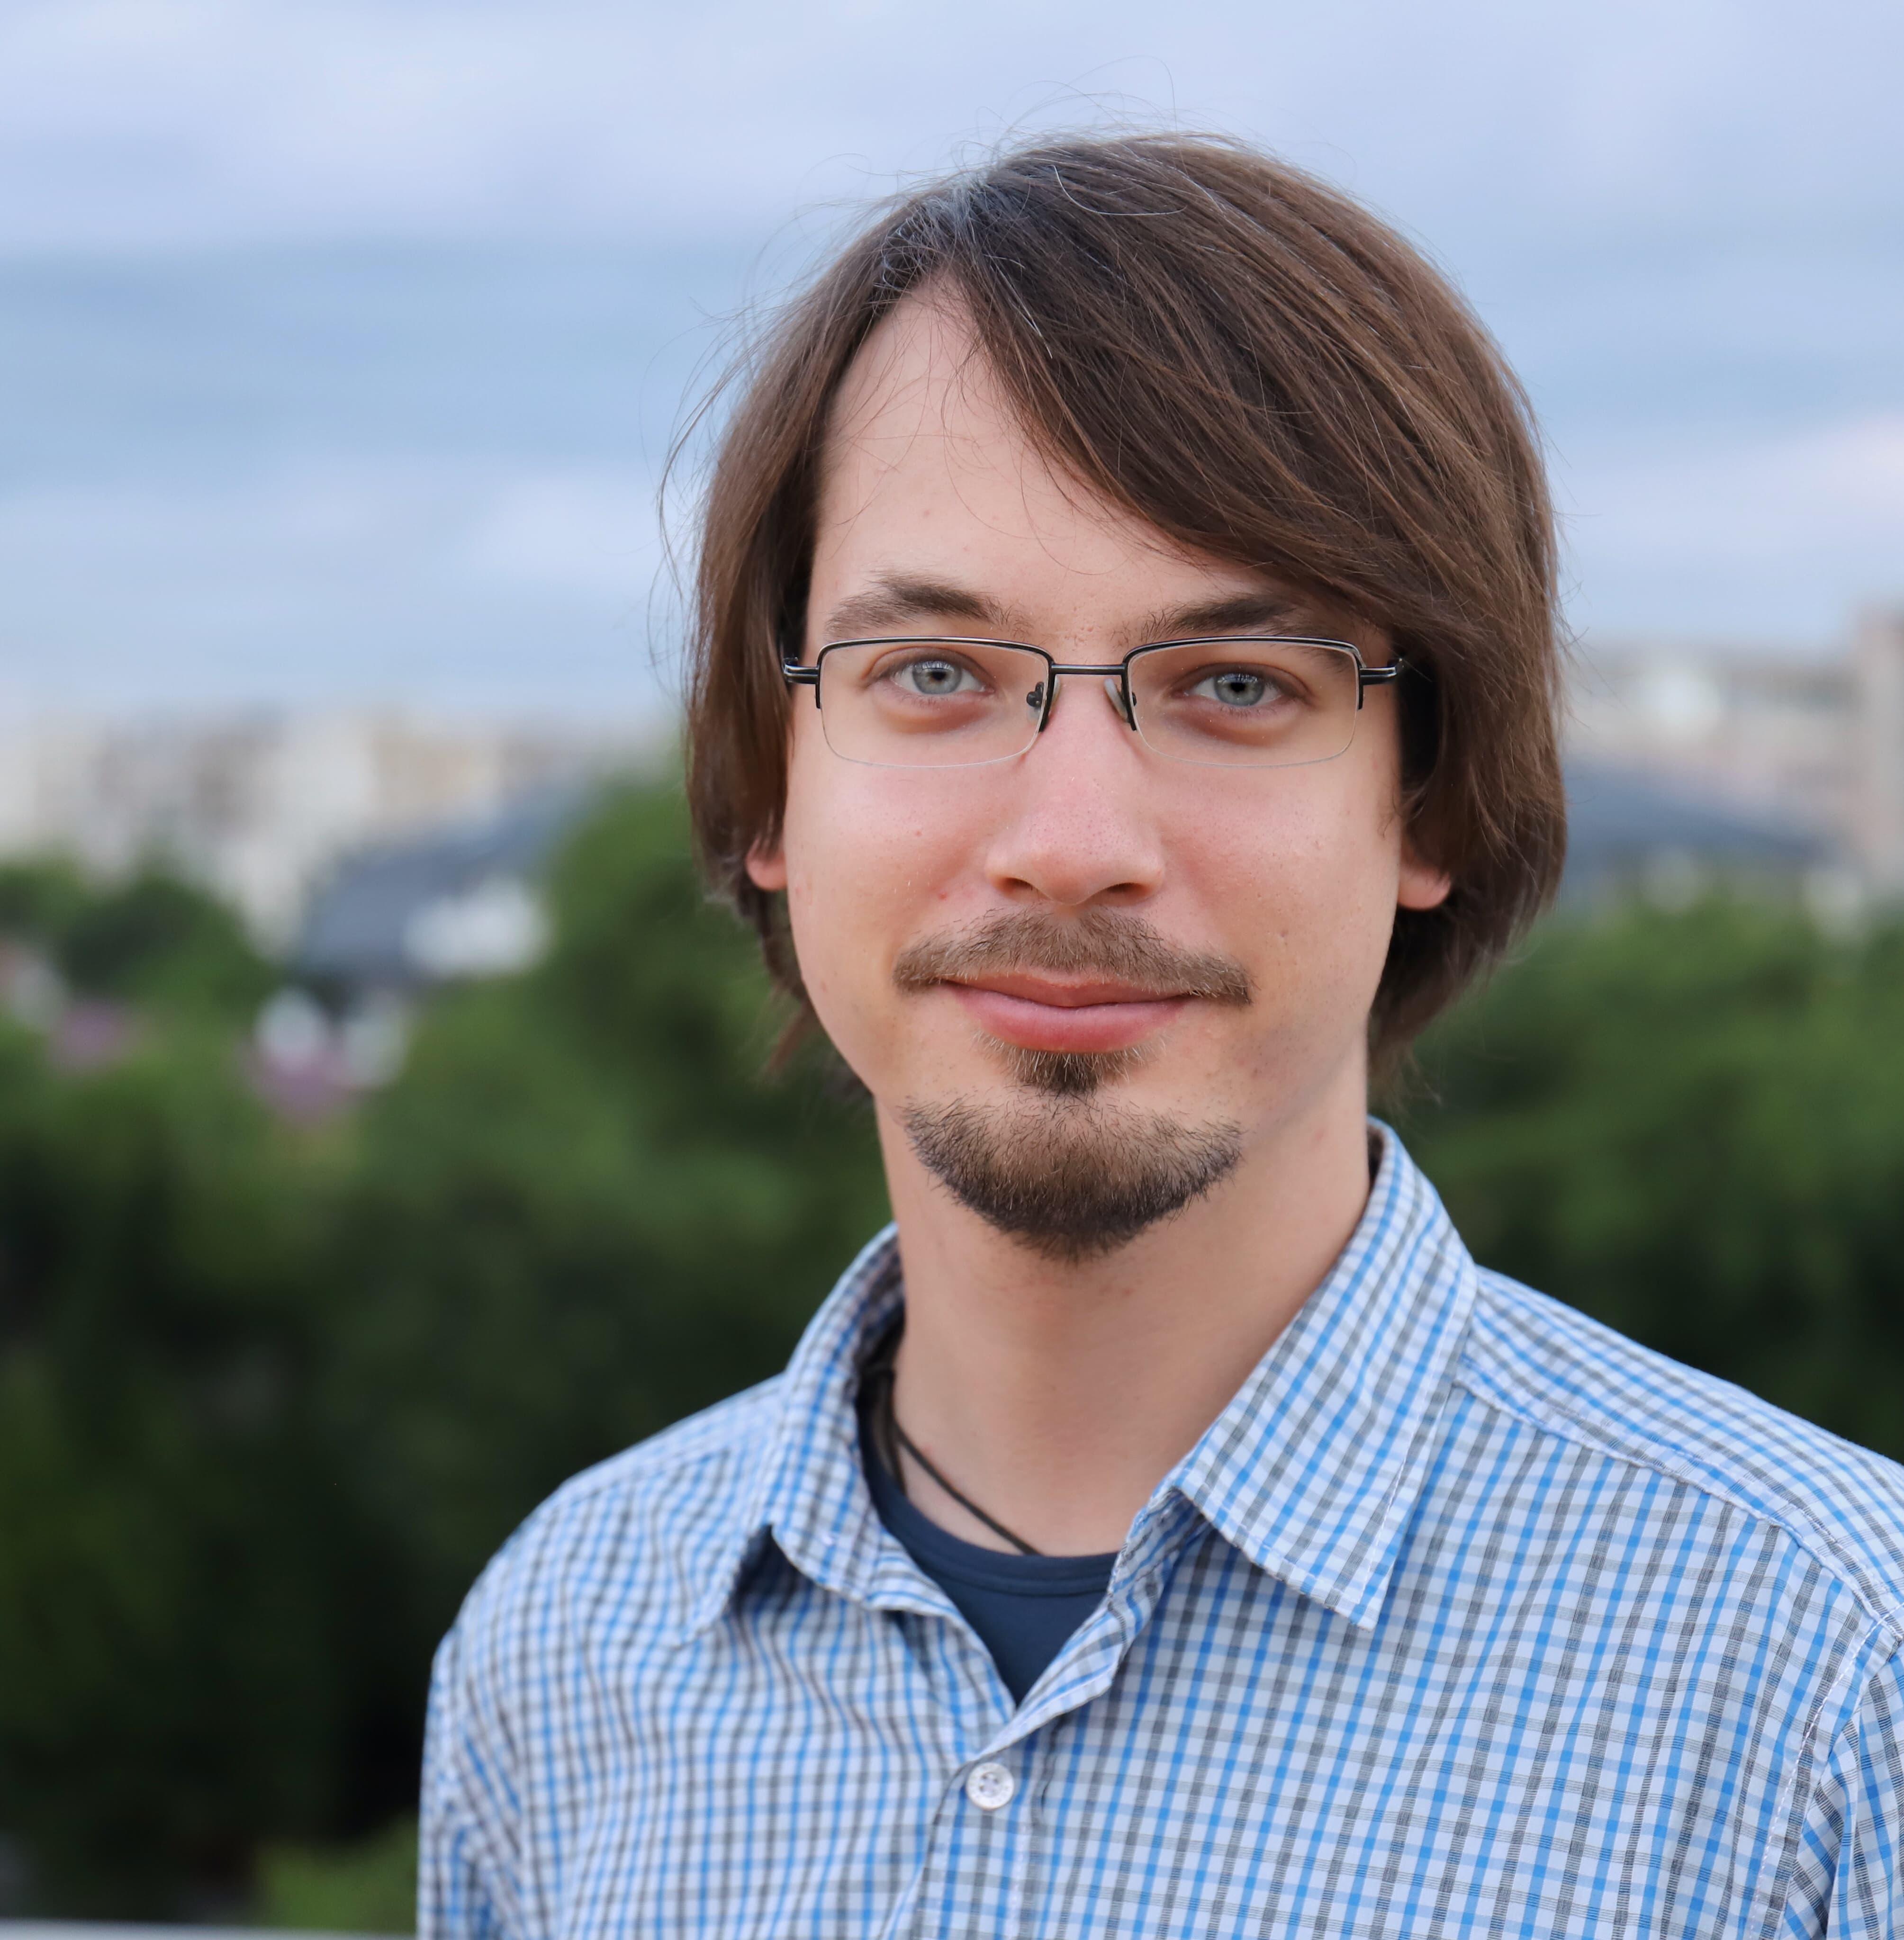 Bogdan Ivanel